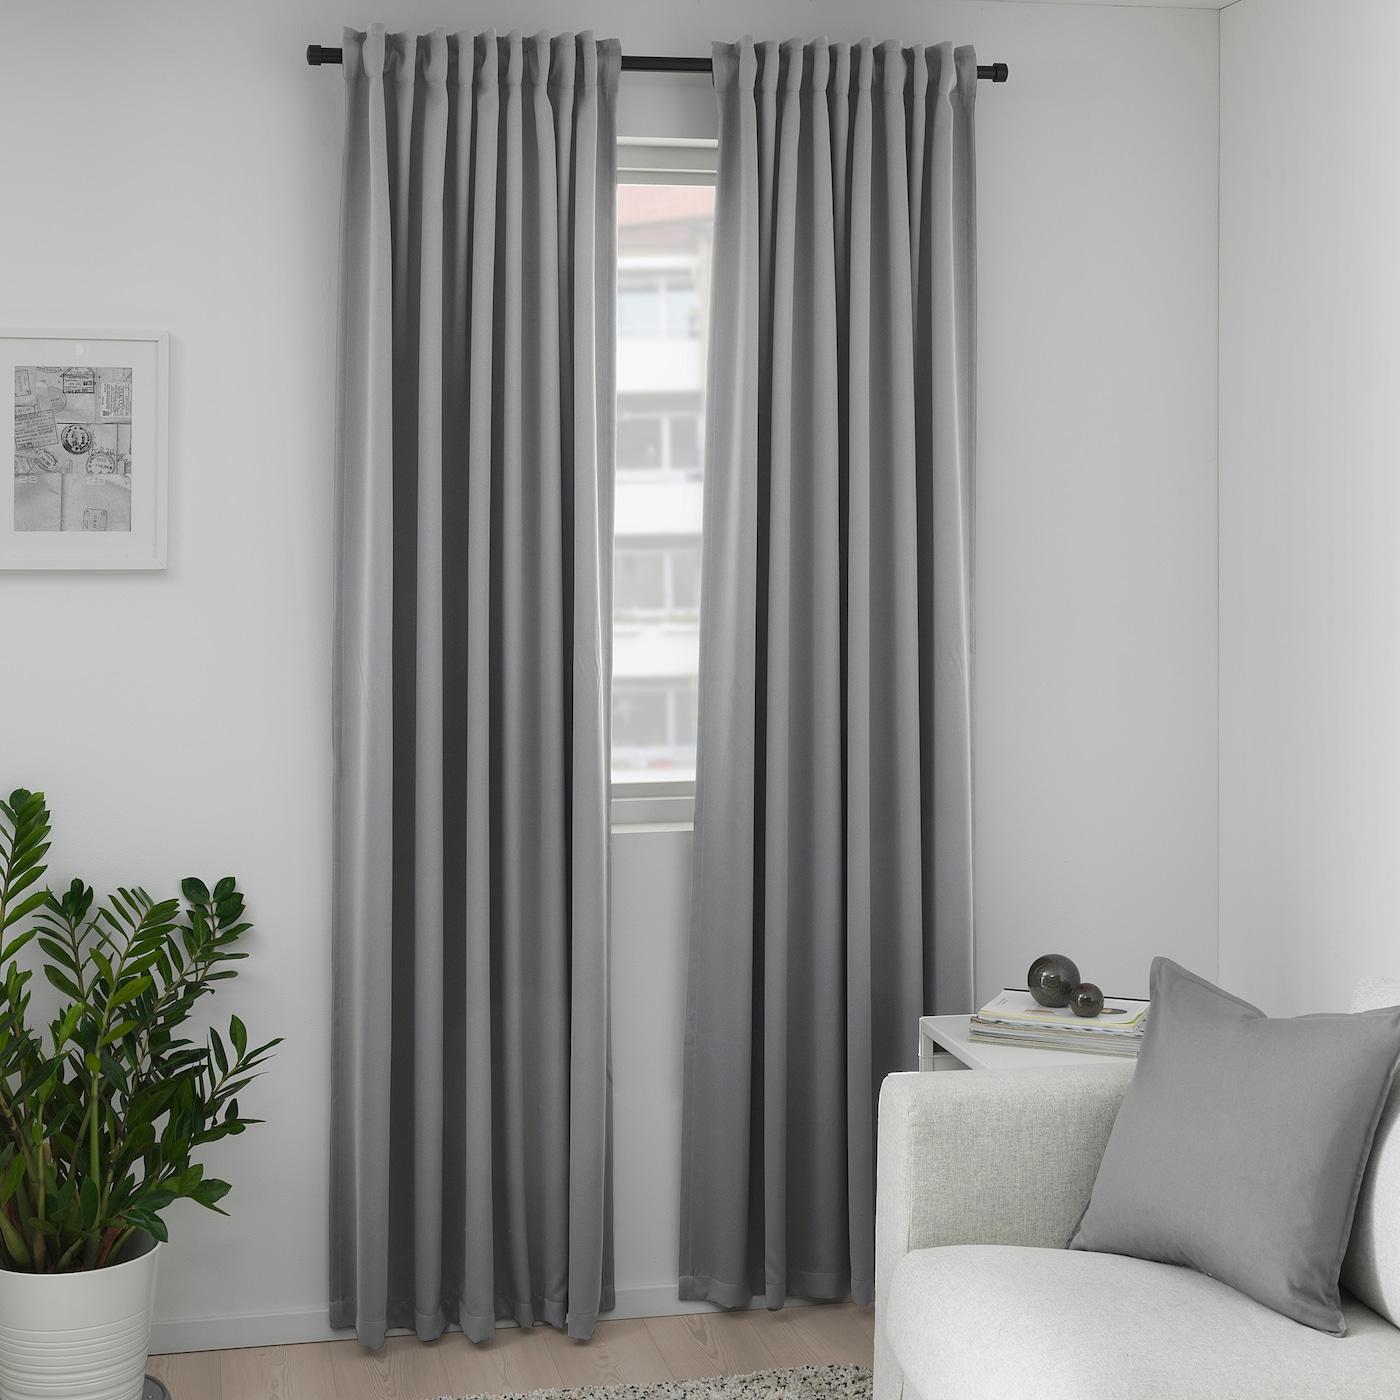 Rideau Gris Perle Ikea majgull rideaux occultant, 2 pièces - gris 145x300 cm